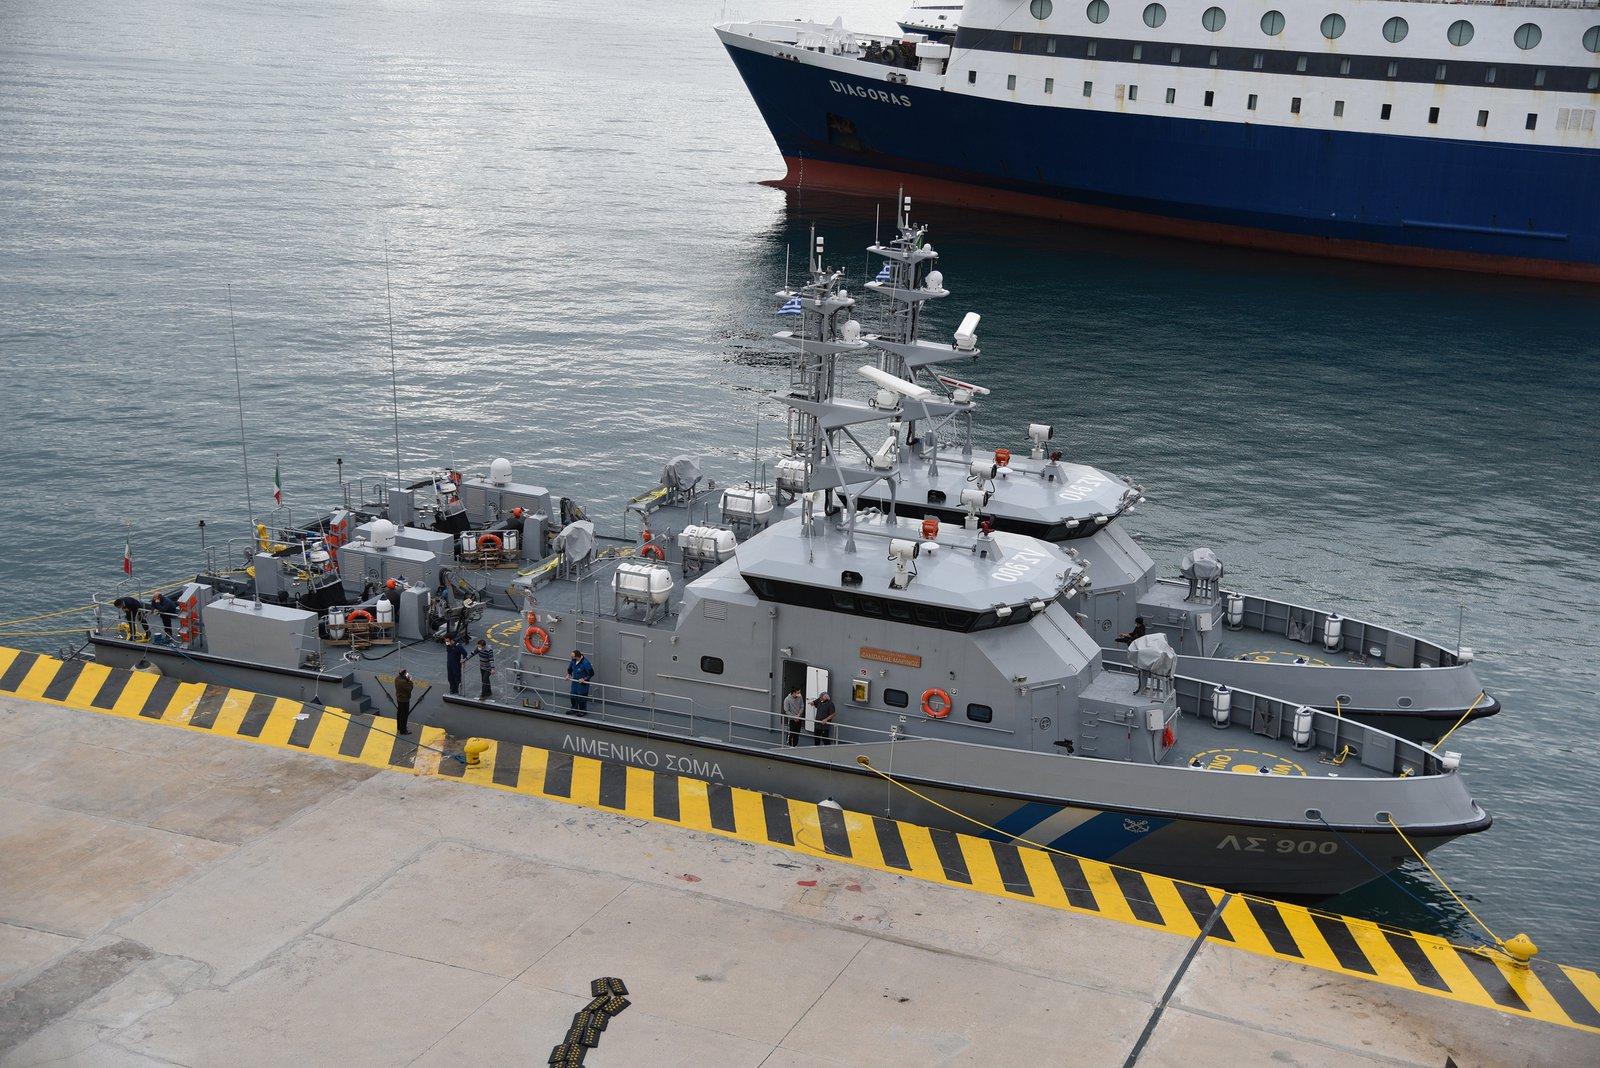 Λιμενικό Σώμα: Αποκαλυπτήρια για τα νέα υπερσύγχρονα σκάφη που απέκτησε! [pics,vid]